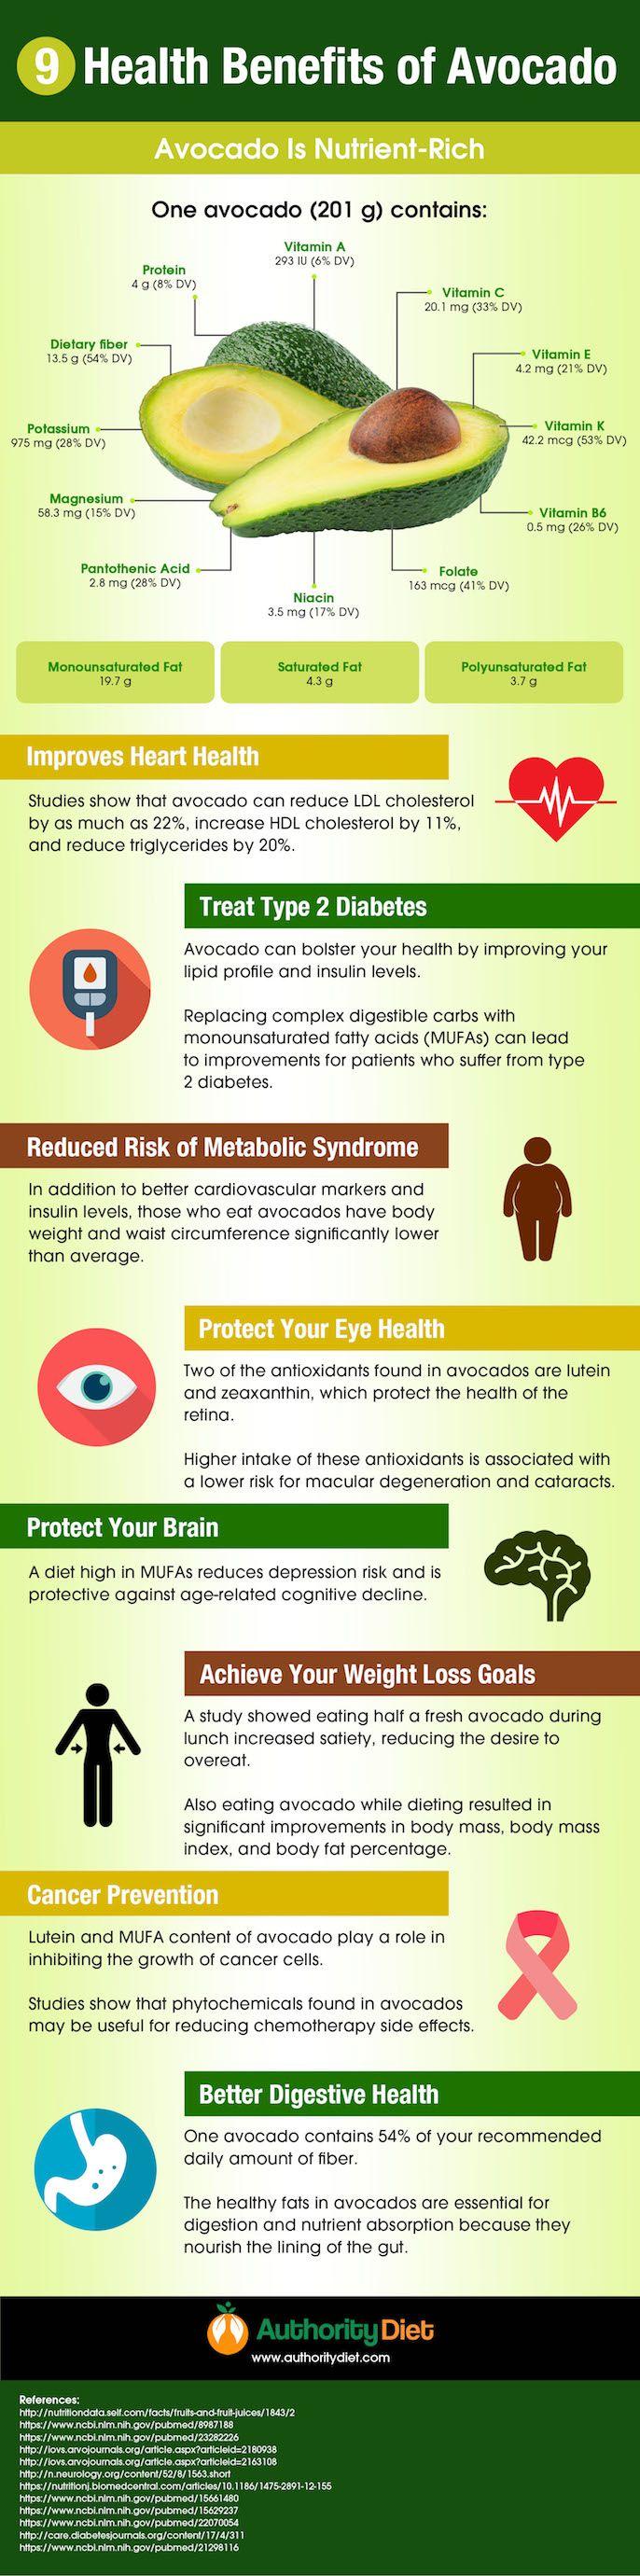 avocado benefits infographic